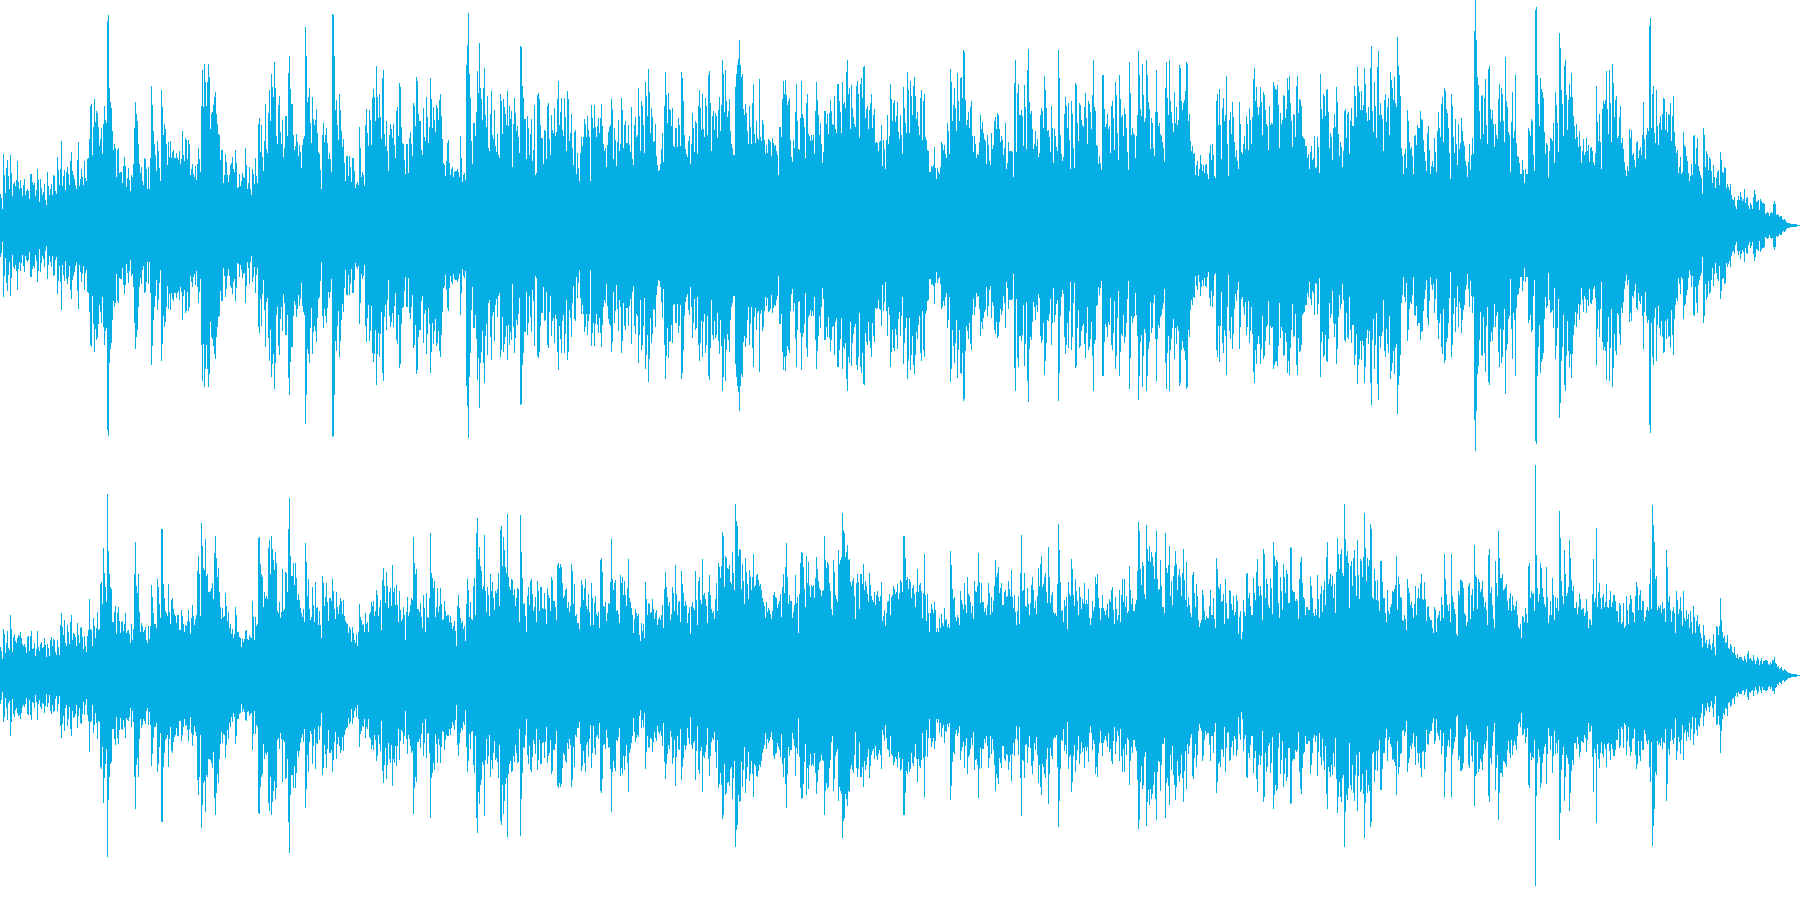 ピアノとストリングス明るく穏やか。映像等の再生済みの波形